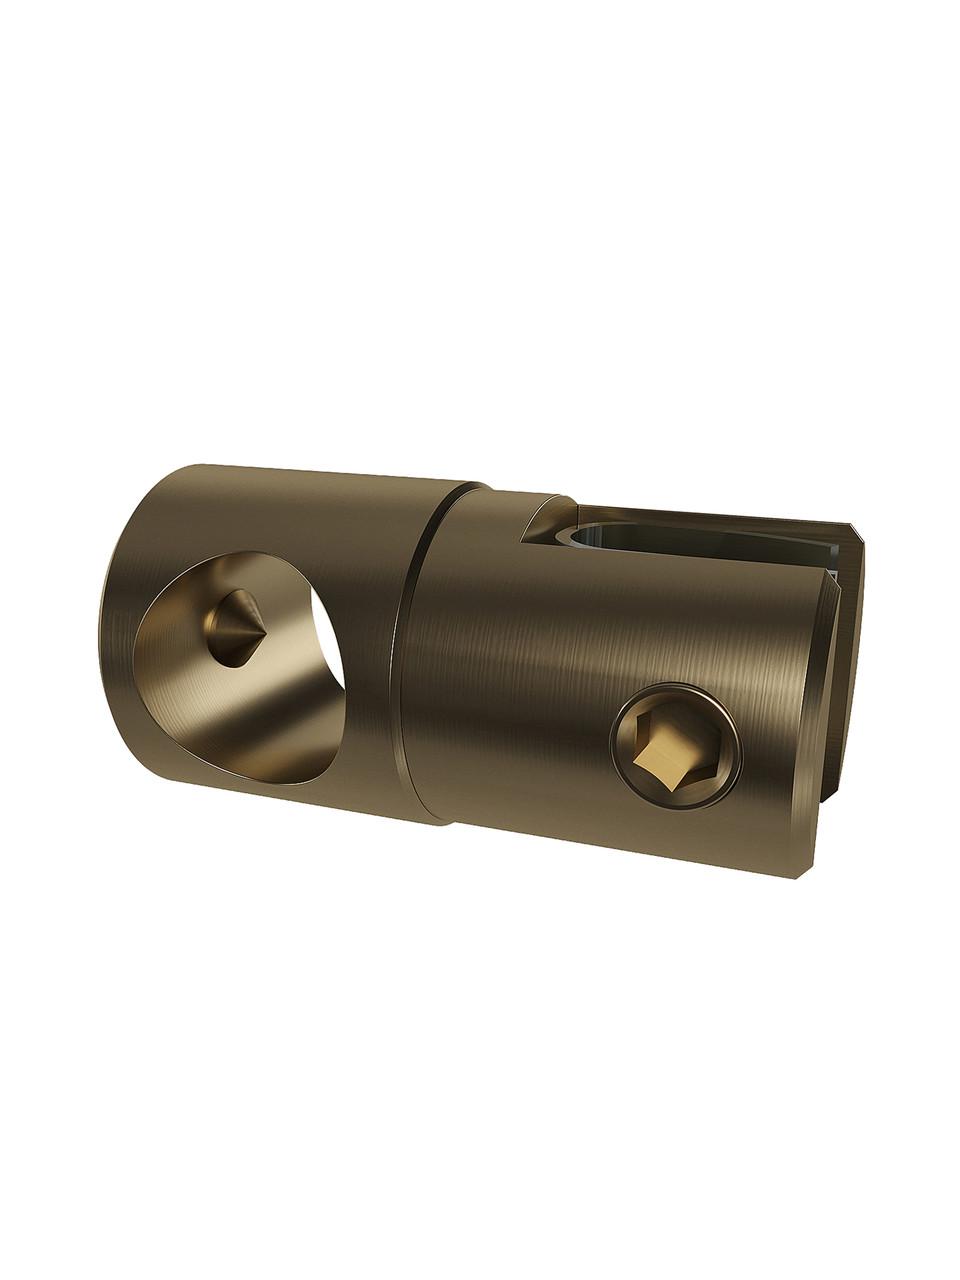 ODF-09-26-30 Кріплення душової штанги 16 мм для скла накидное, регульоване, наскрізне, колір матова бронза